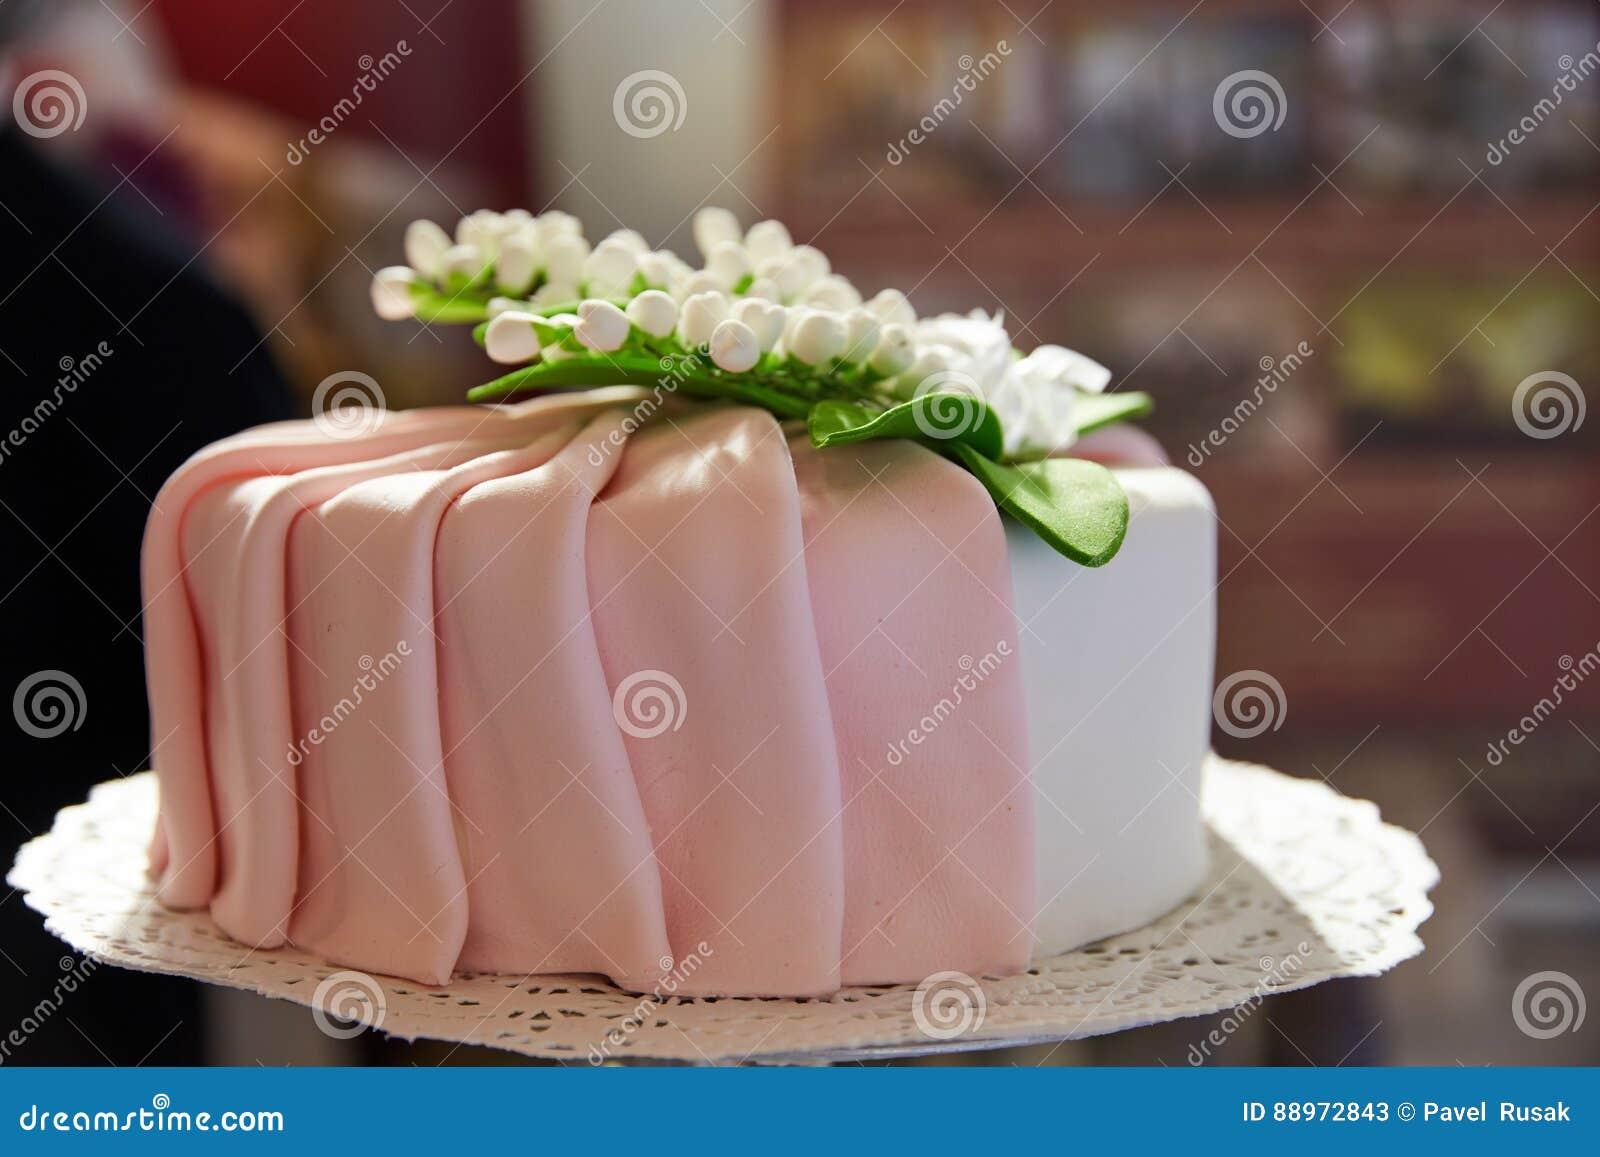 Schone Und Kostliche Kuchen Und Kuchen Stockbild Bild Von